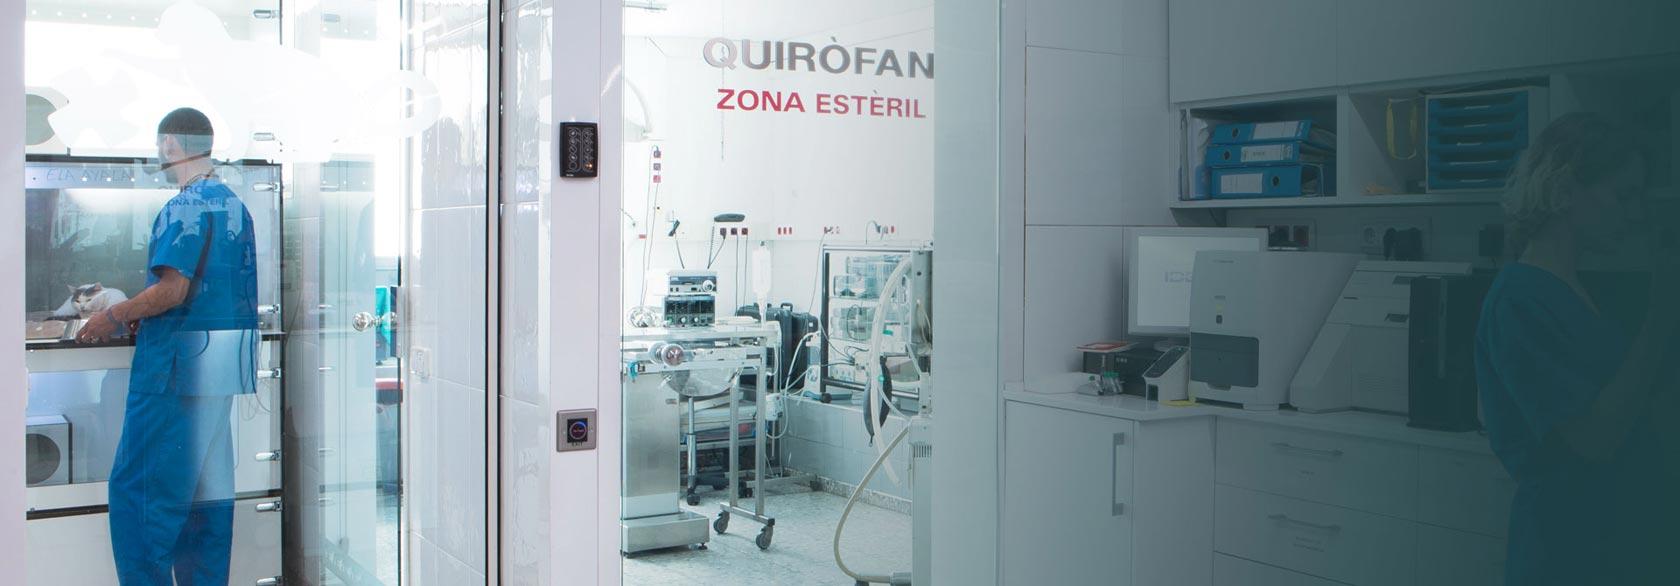 Hospital de Urgencias Veterinarias abierto 24h